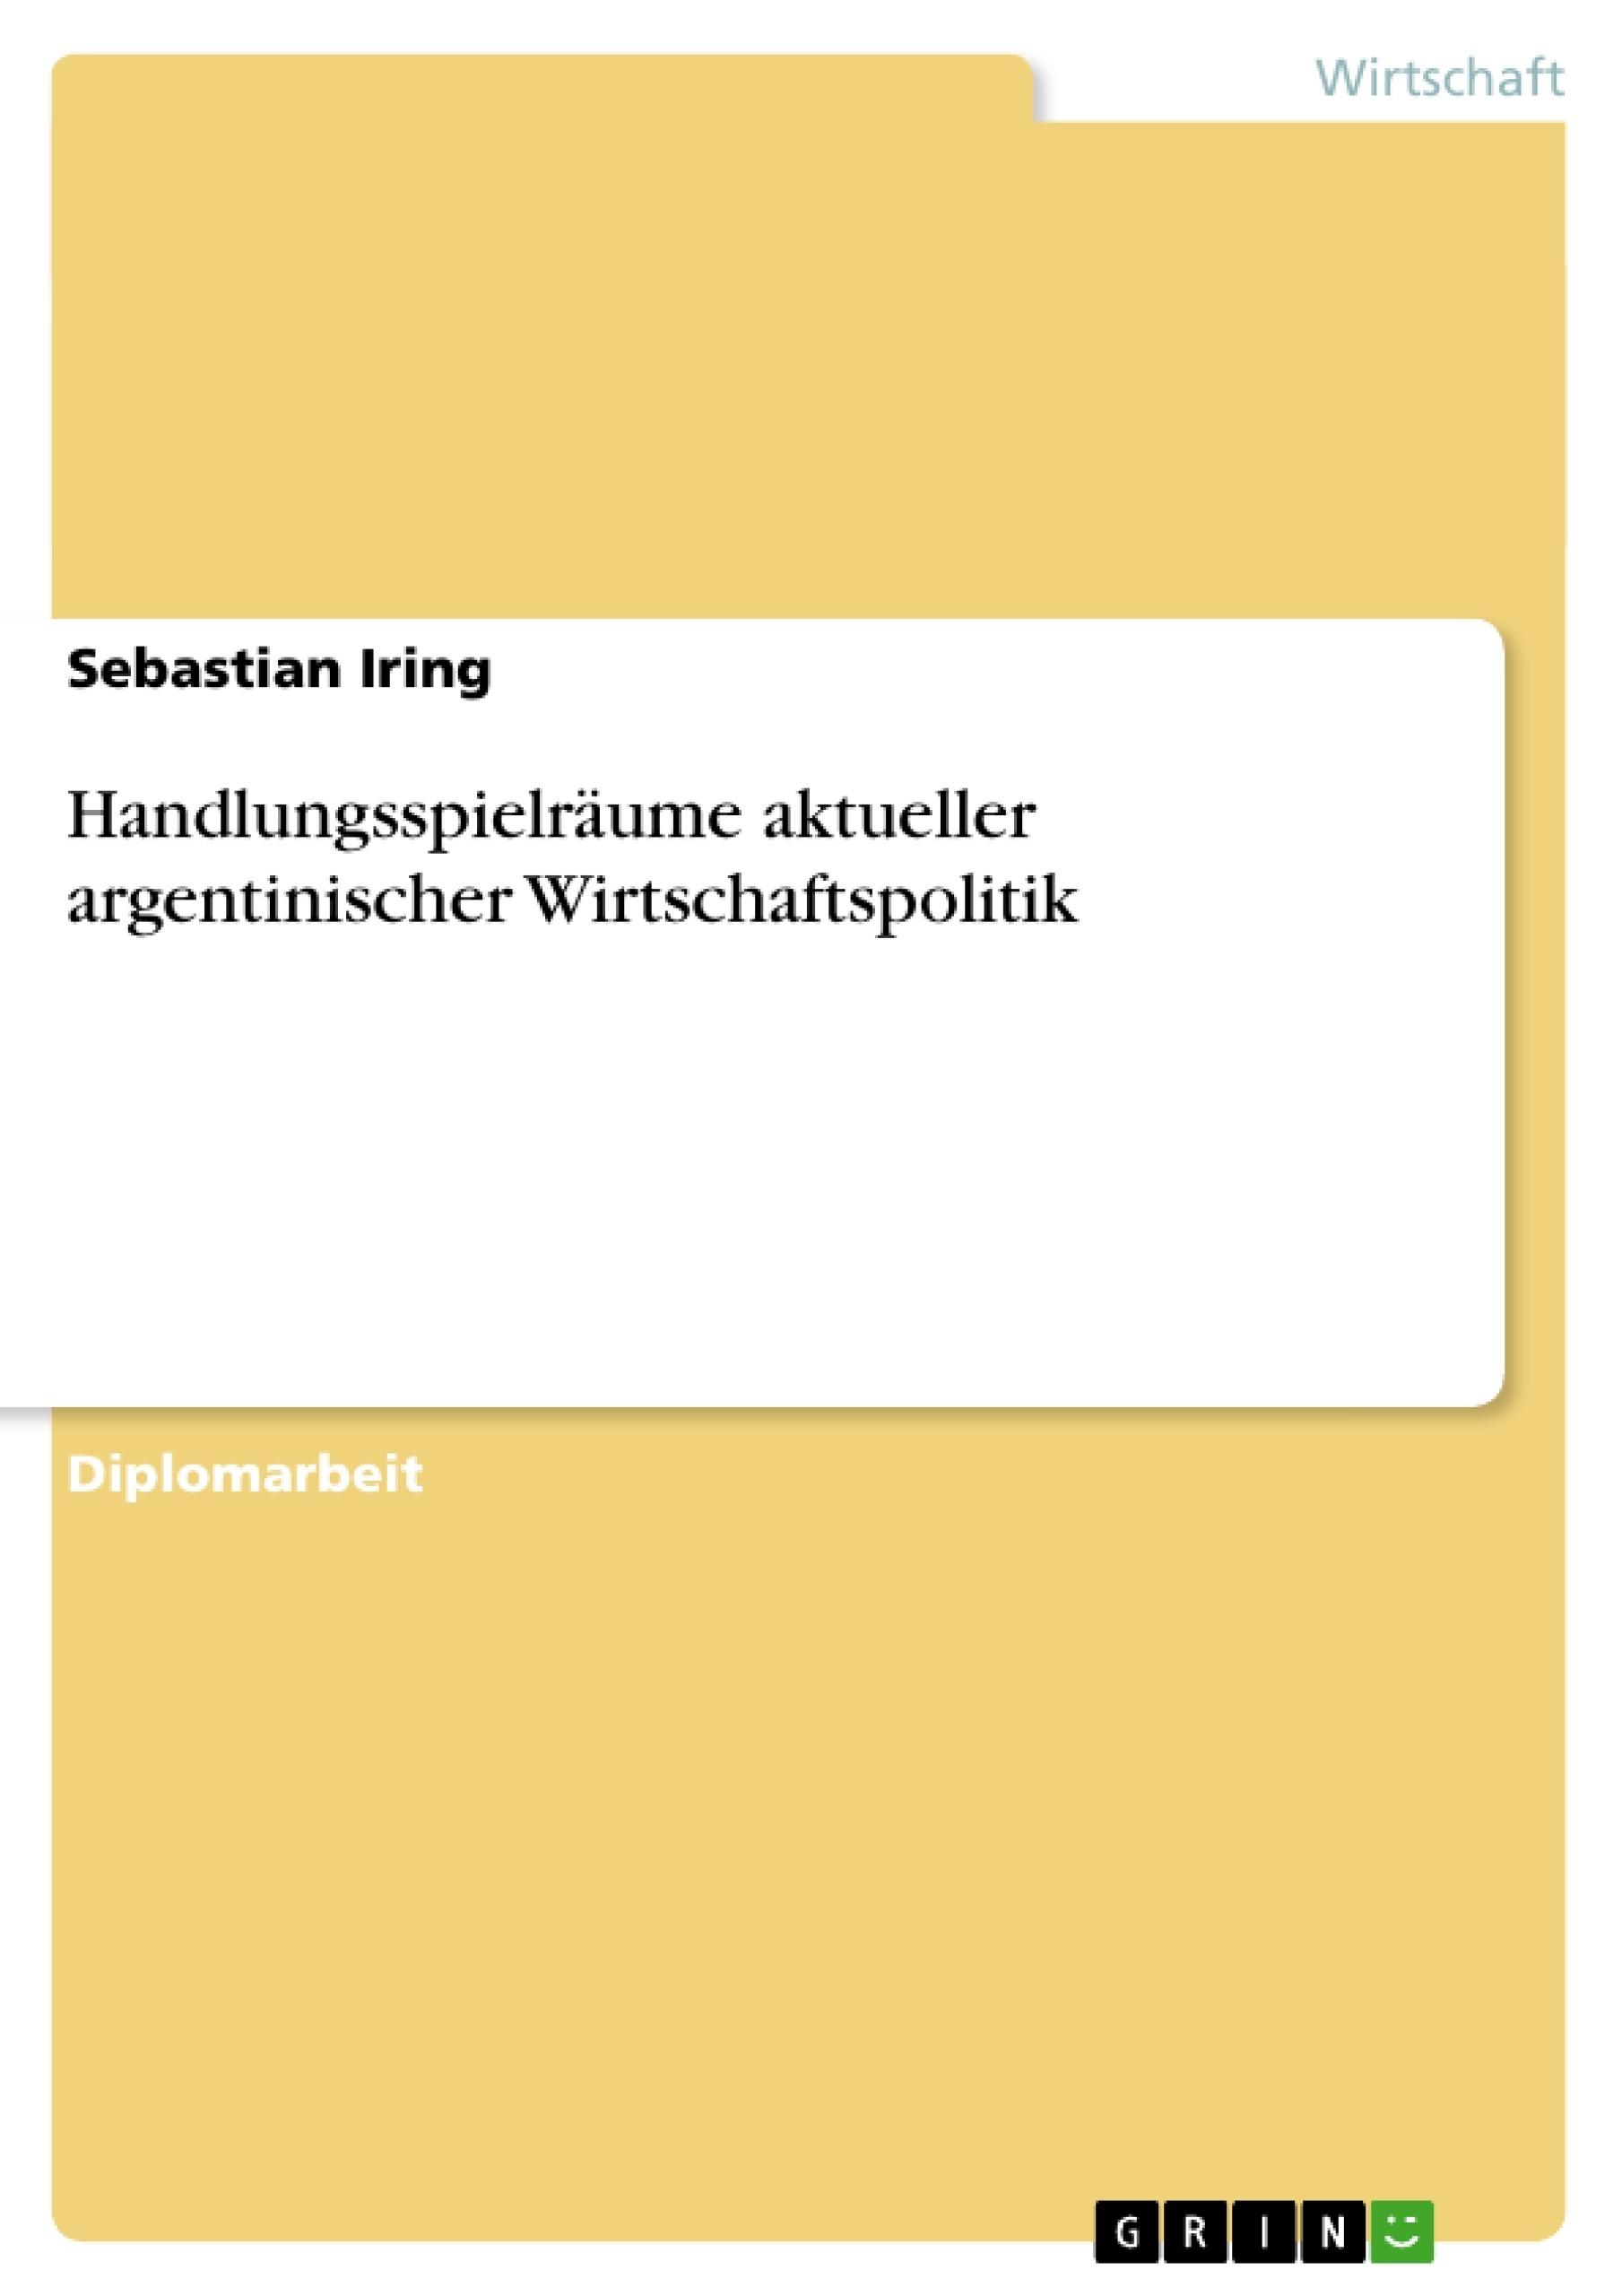 Titel: Handlungsspielräume aktueller argentinischer Wirtschaftspolitik